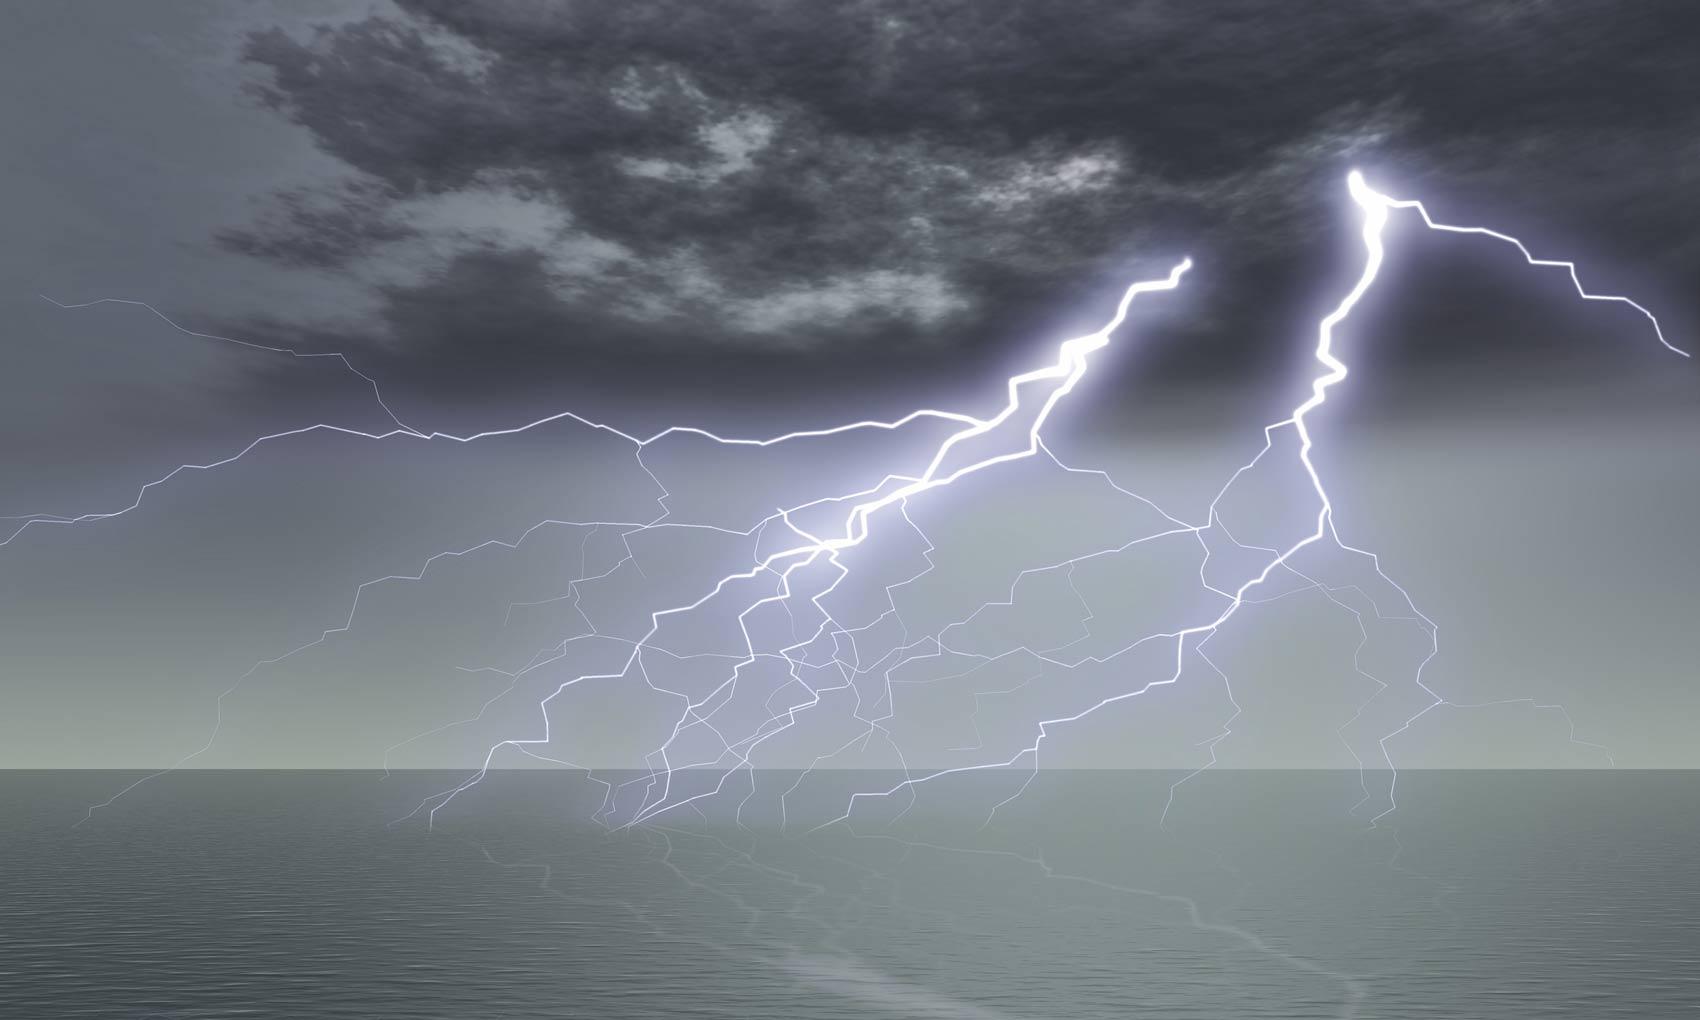 Vörös riasztást adtak ki! - Hatalmas vihar érkezik